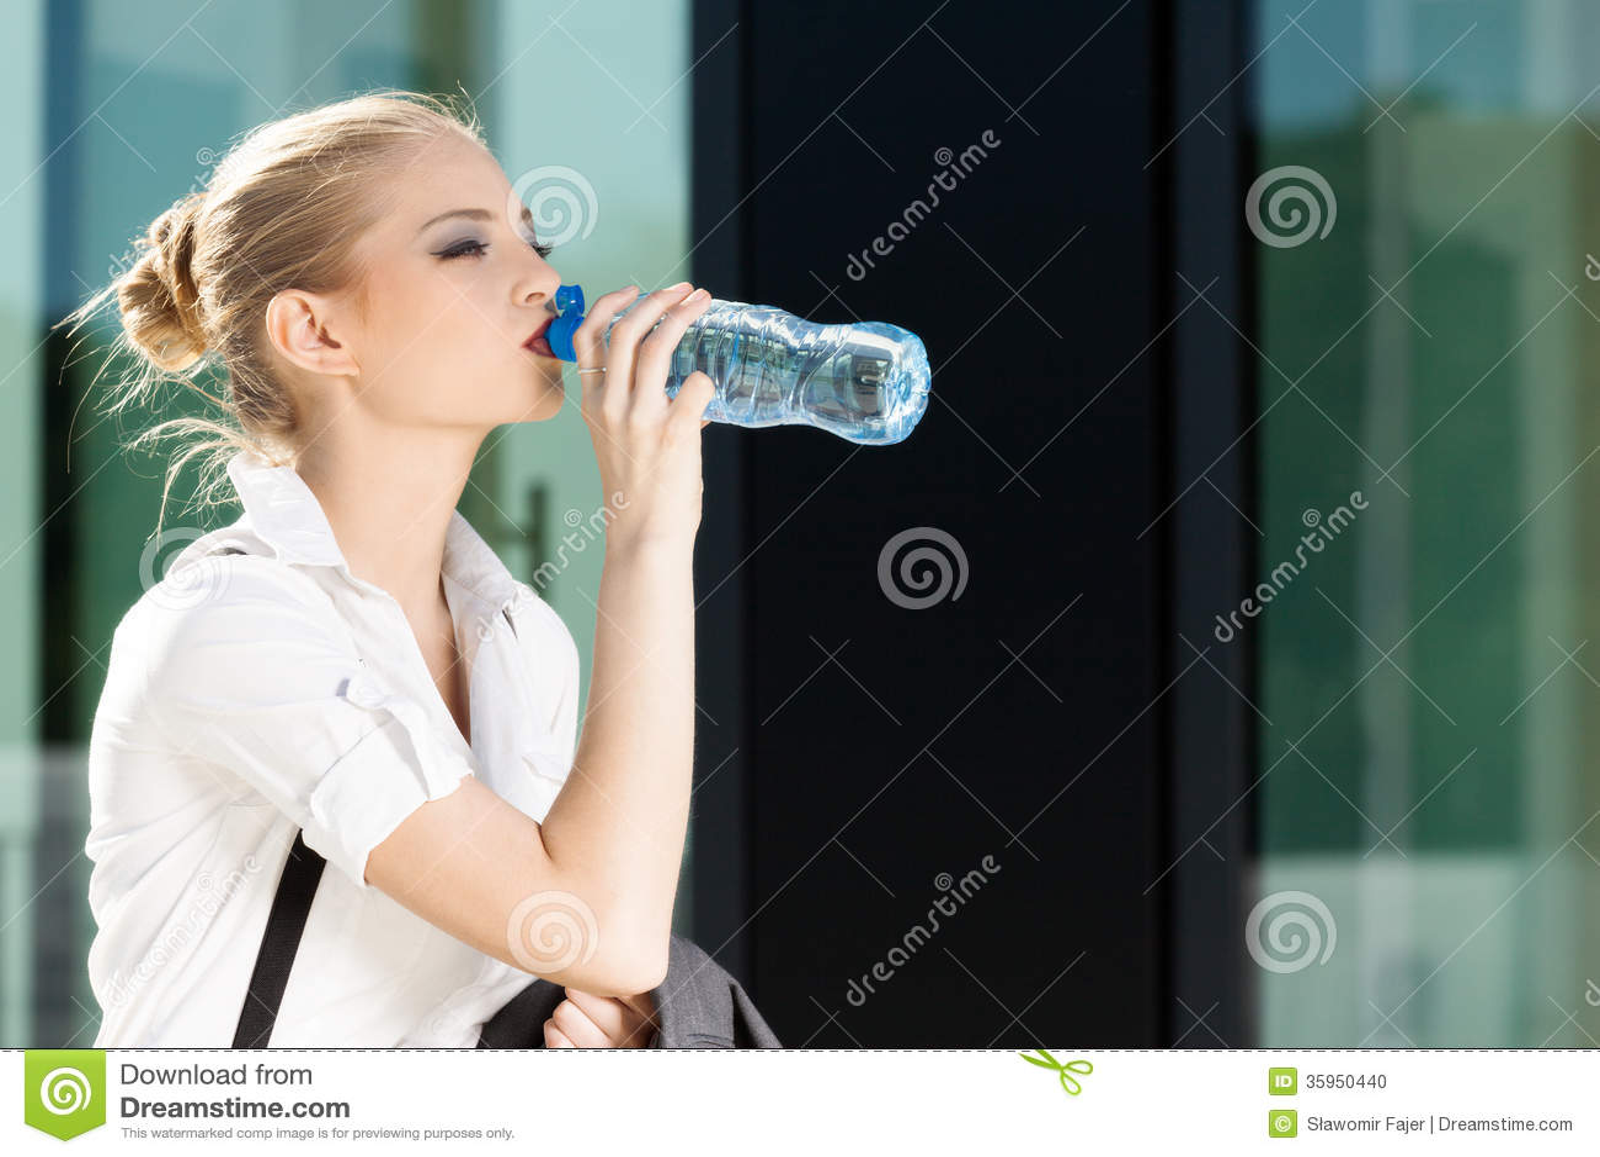 Agua potable de la empresaria de una pequeña botella